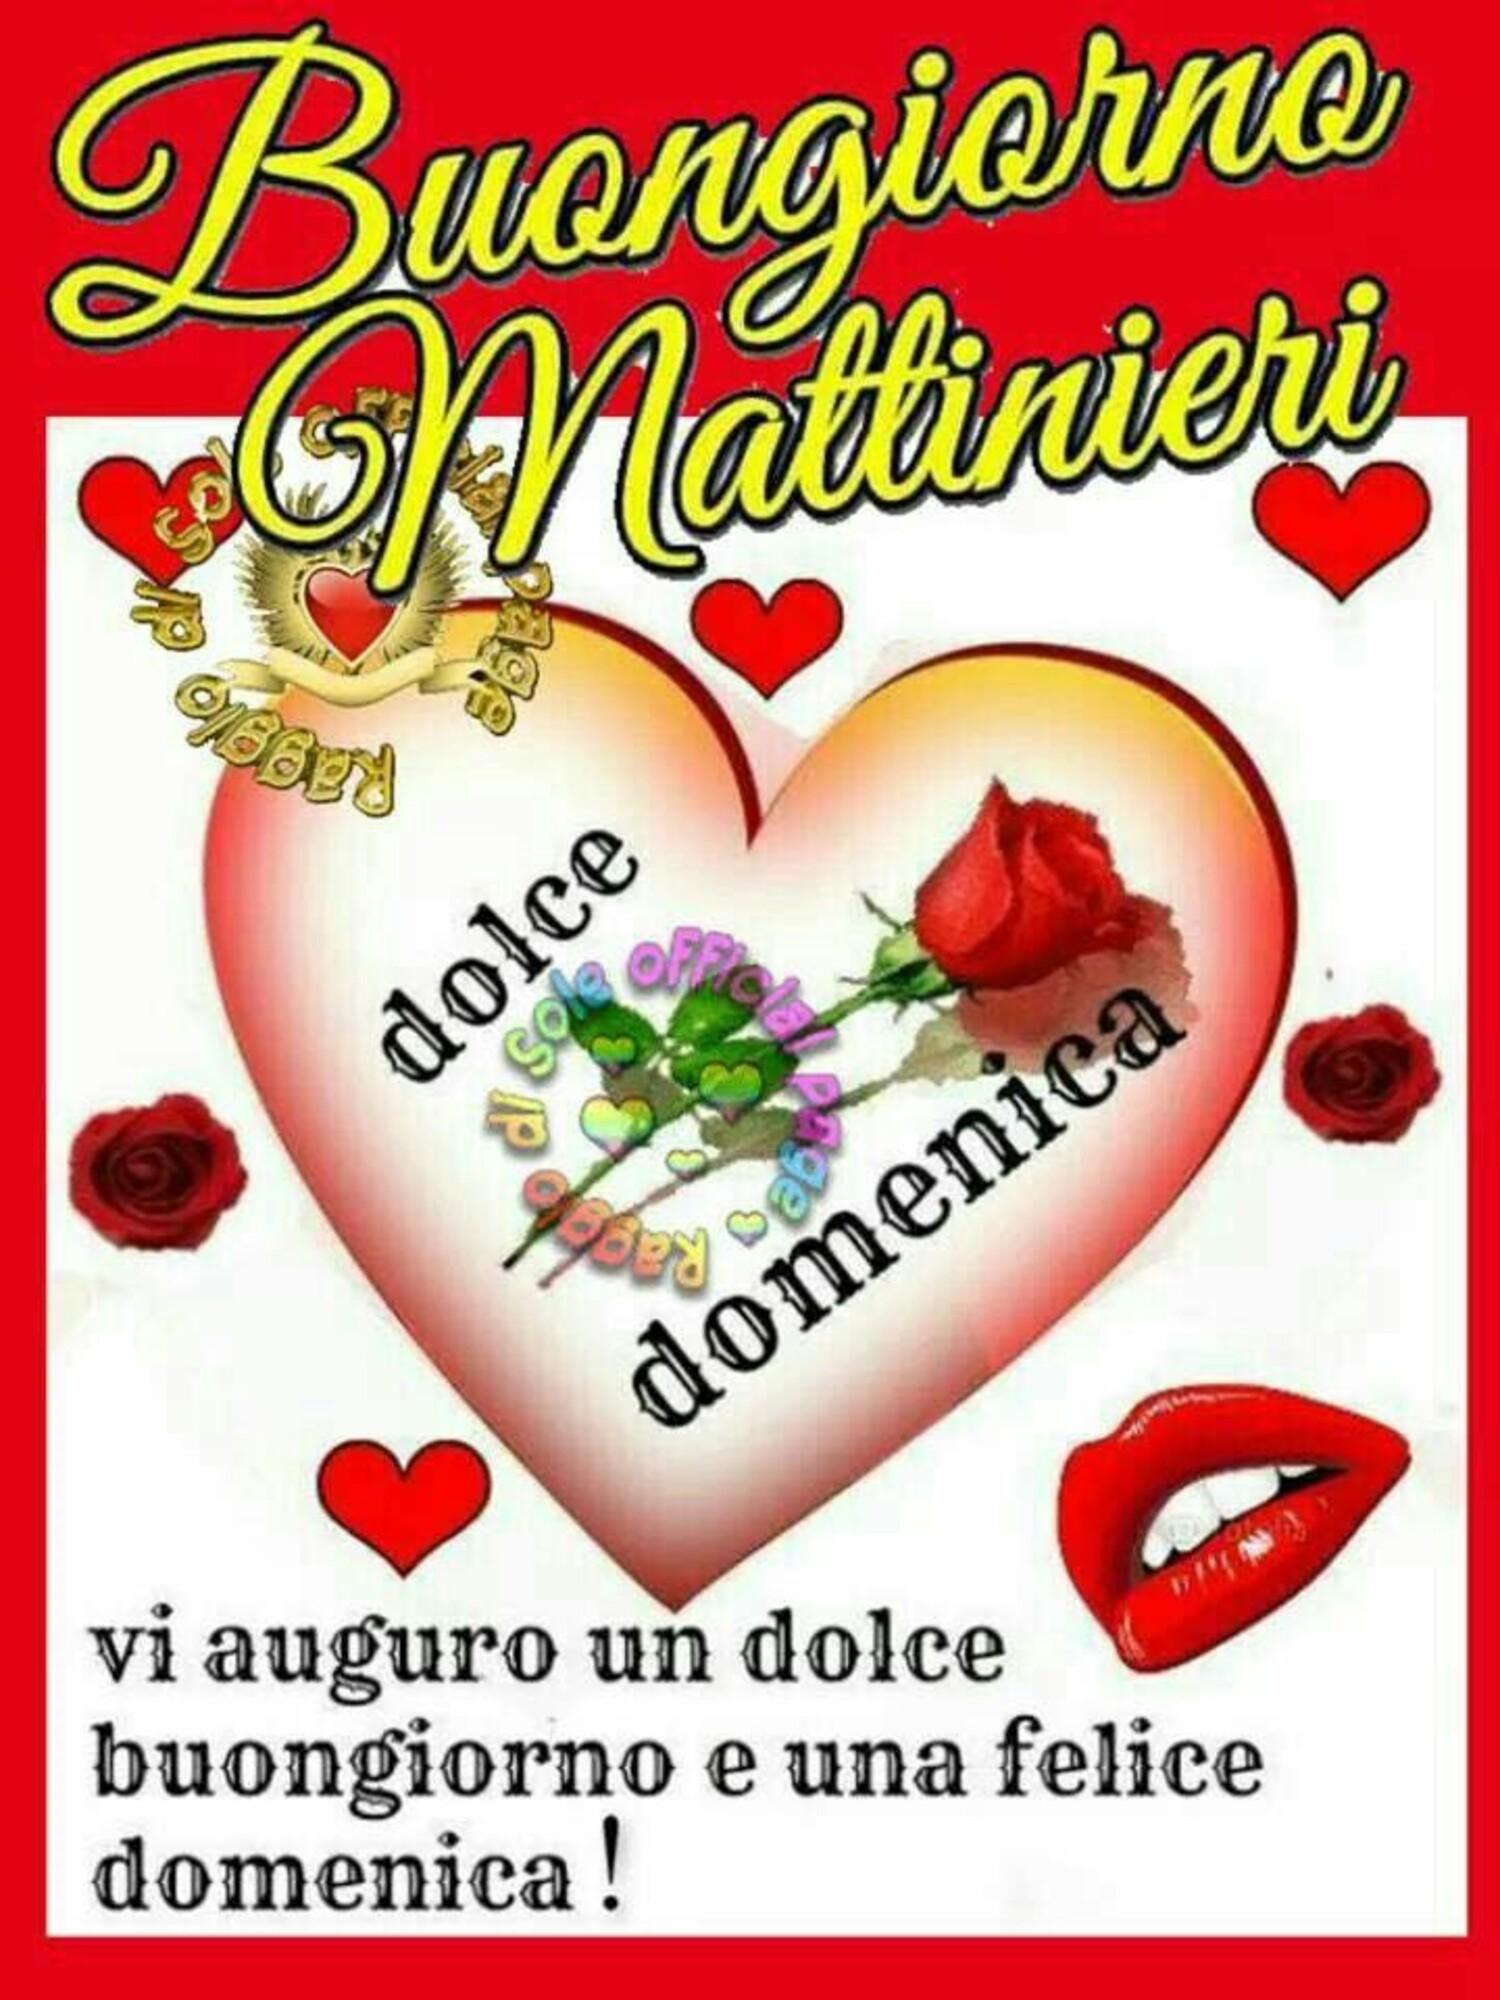 Buongiorno Mattinieri dolce domenica vi auguro un dolce buongiorno e una felice domenica